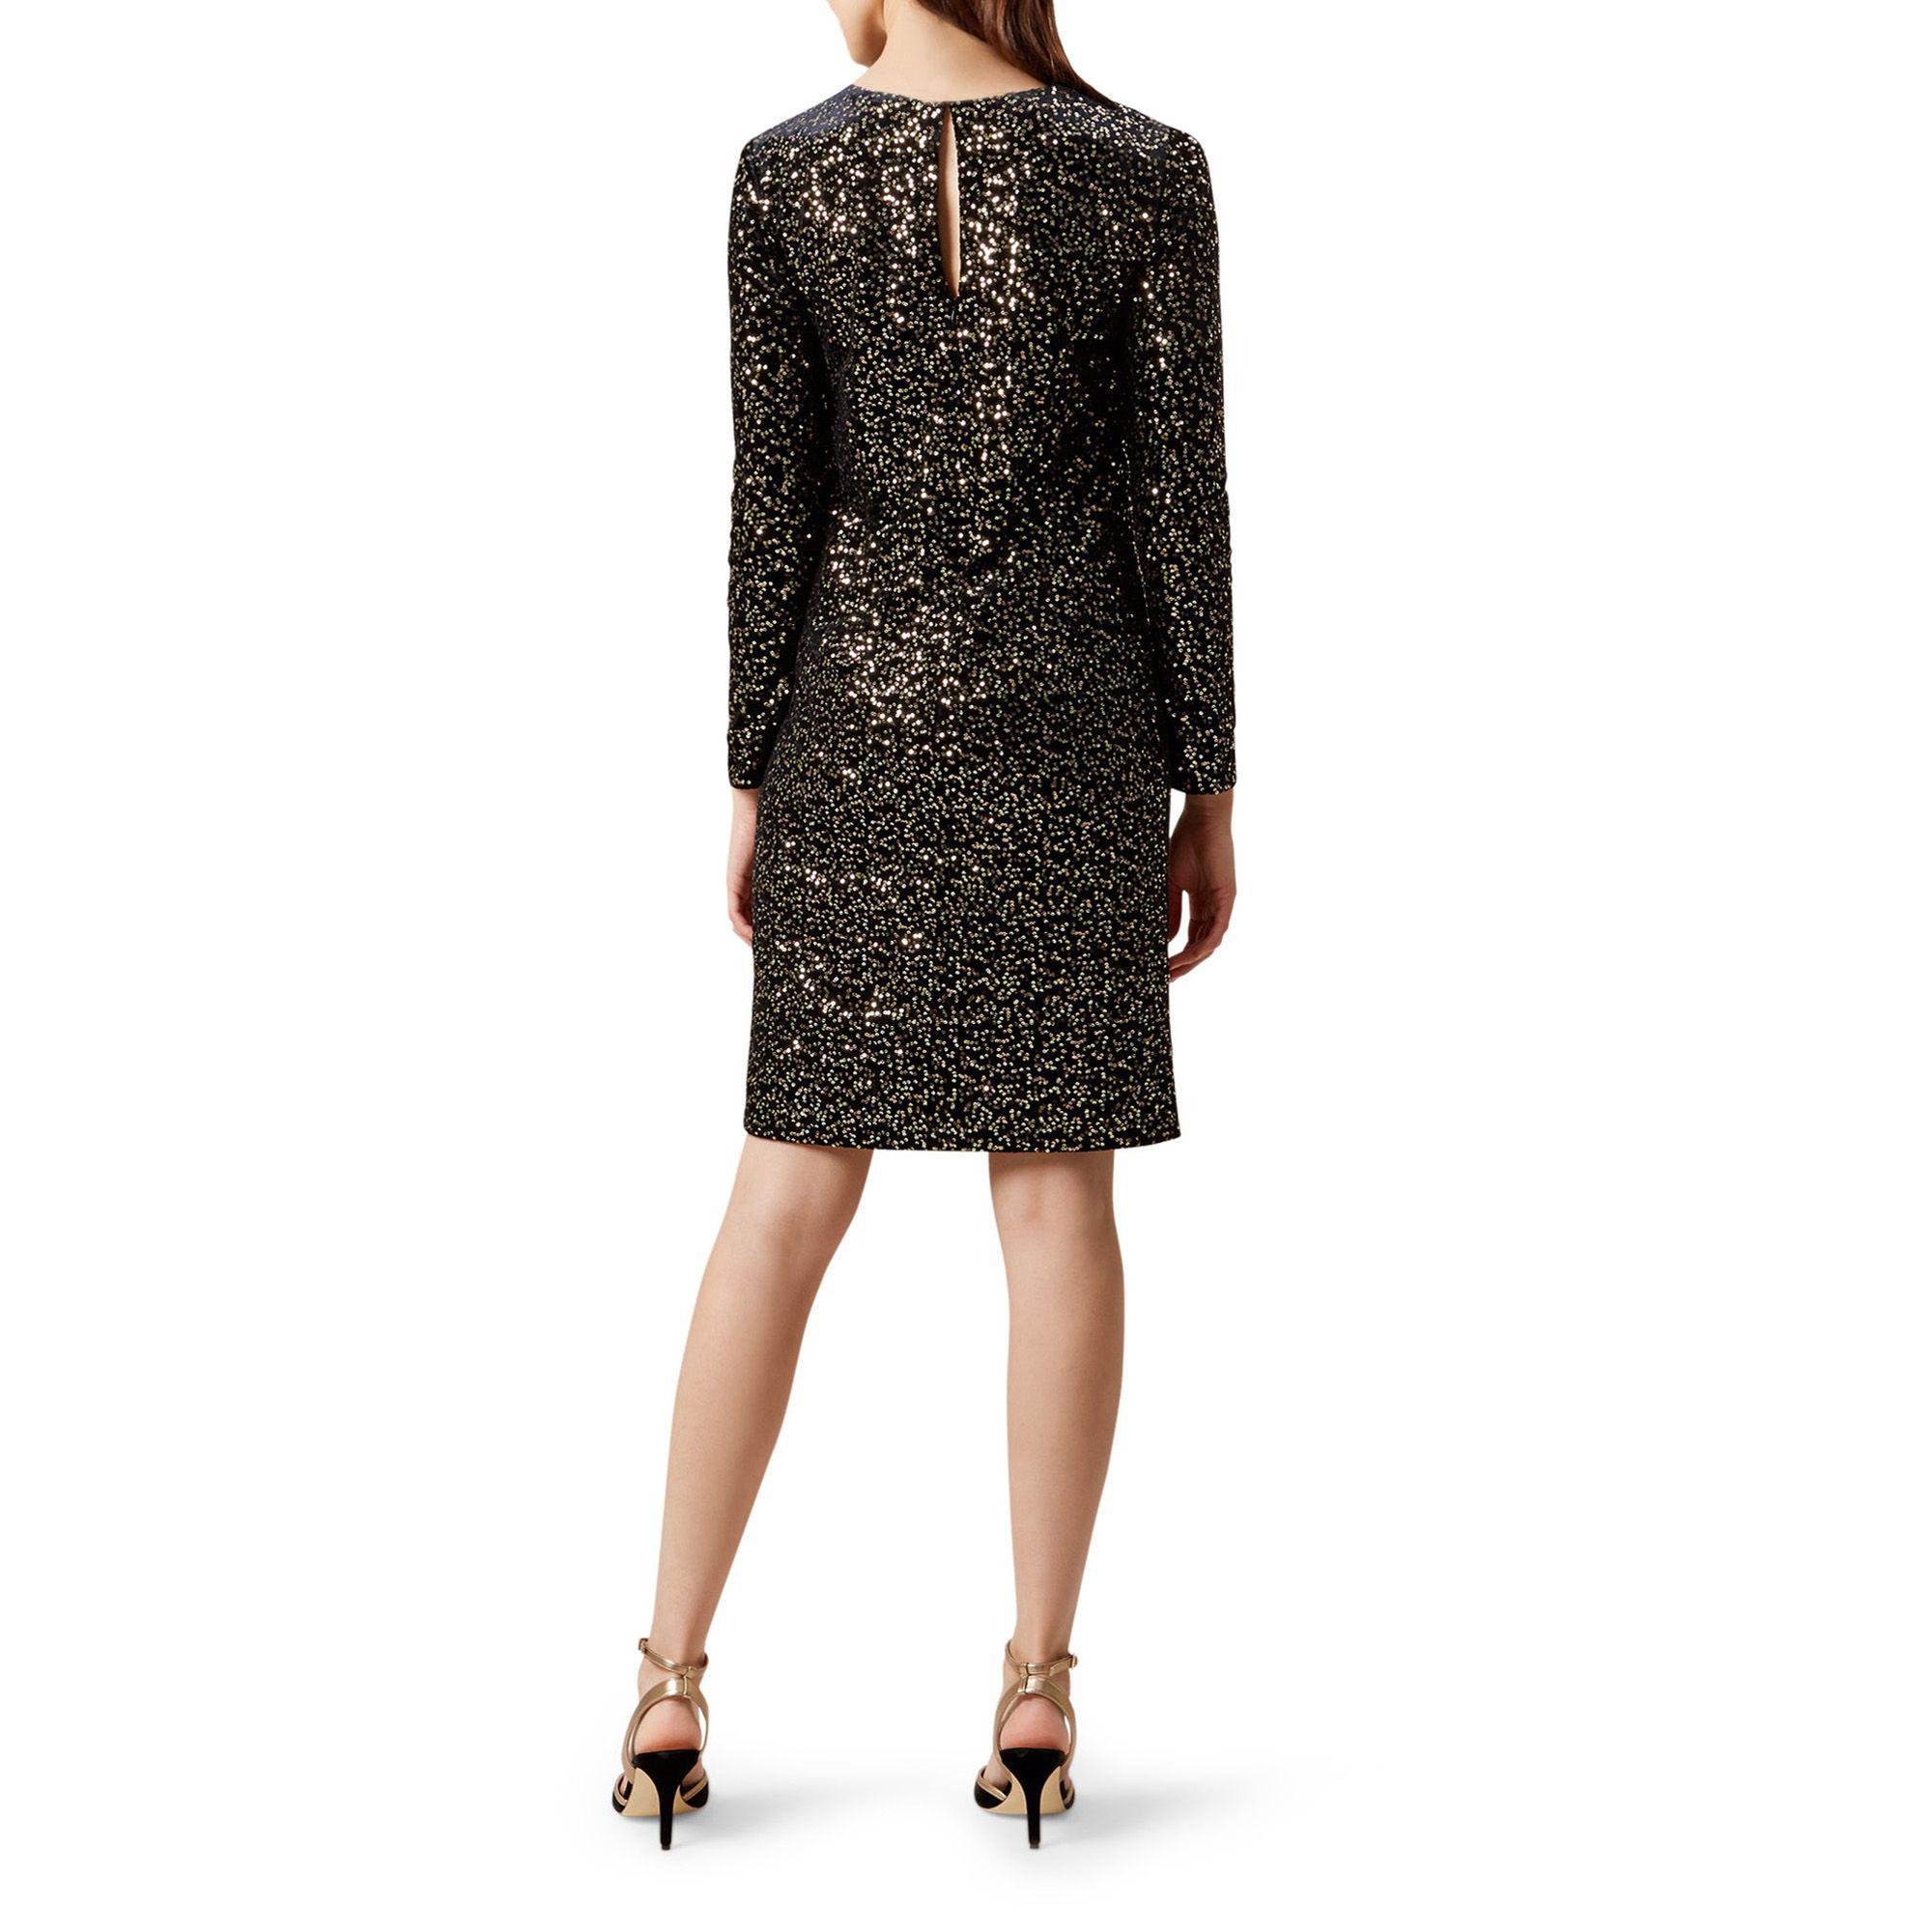 58690e28 Hobbs - Black Sequin Velvet 'mia' Knee Length Shift Dress - Lyst. View  fullscreen